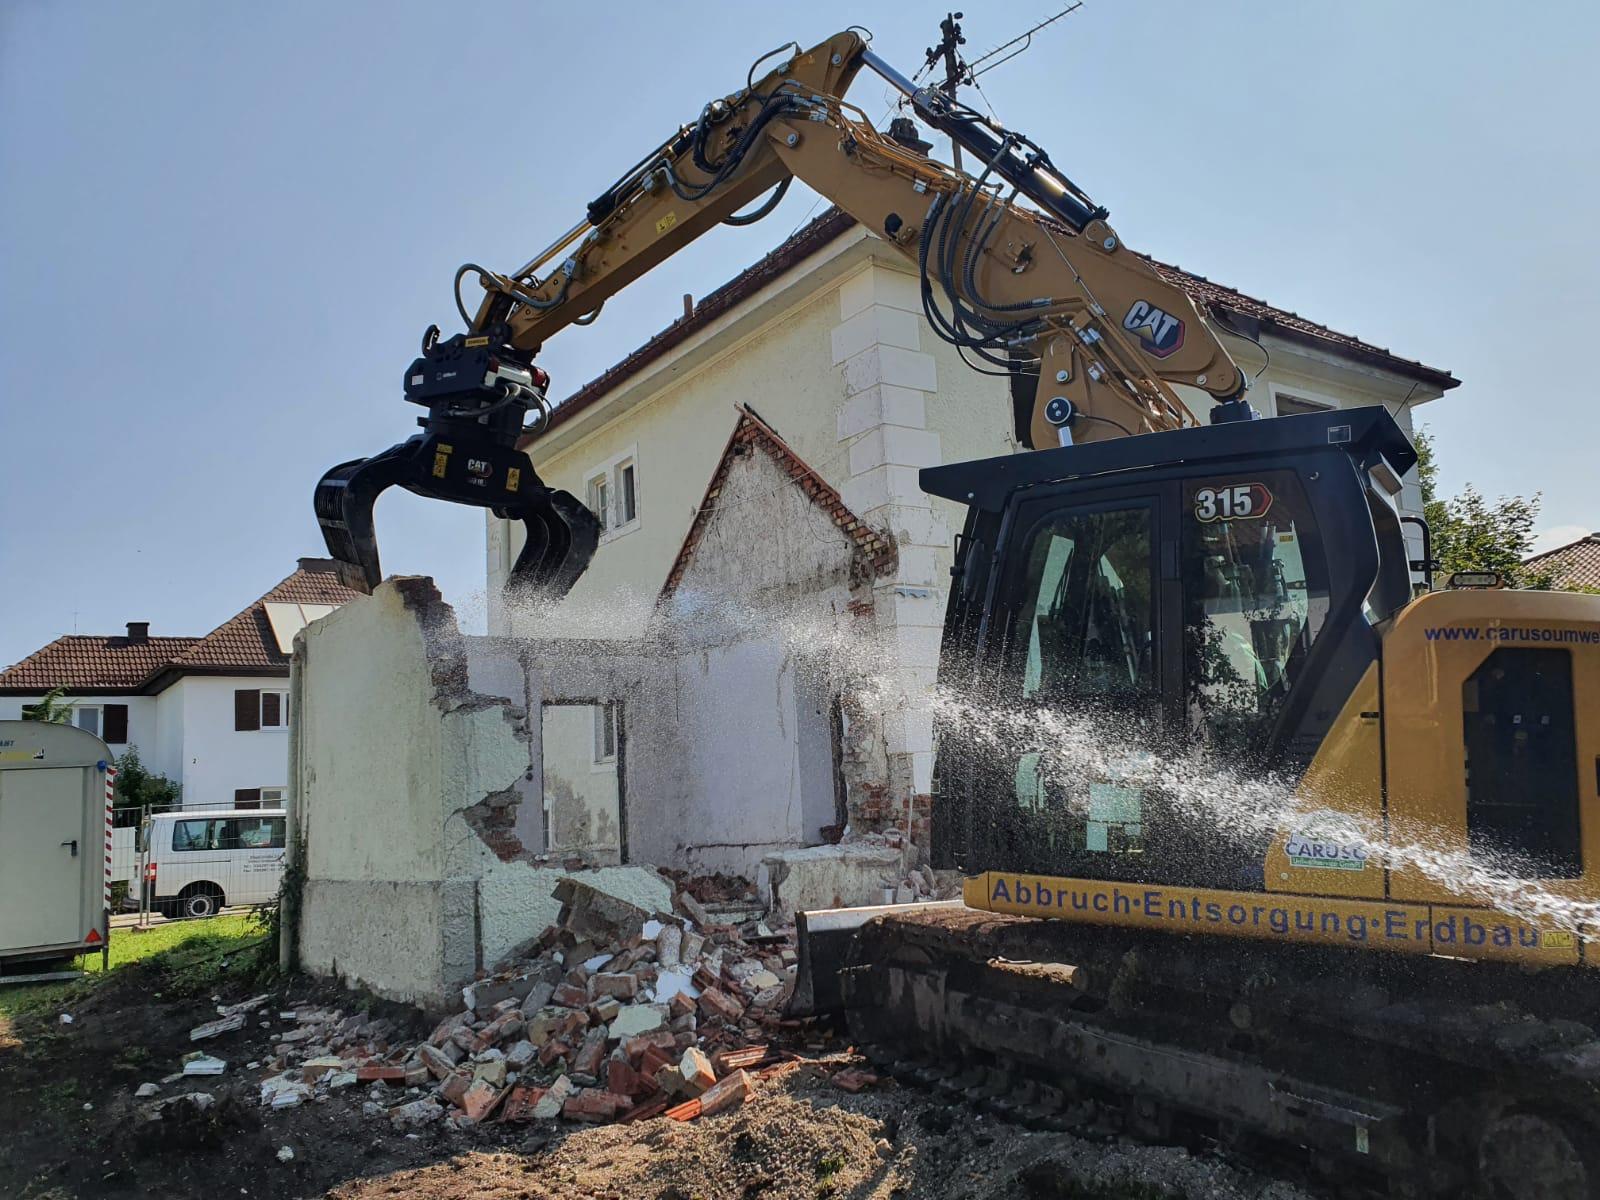 Abbruch eines Wohngebäudes in Penzberg